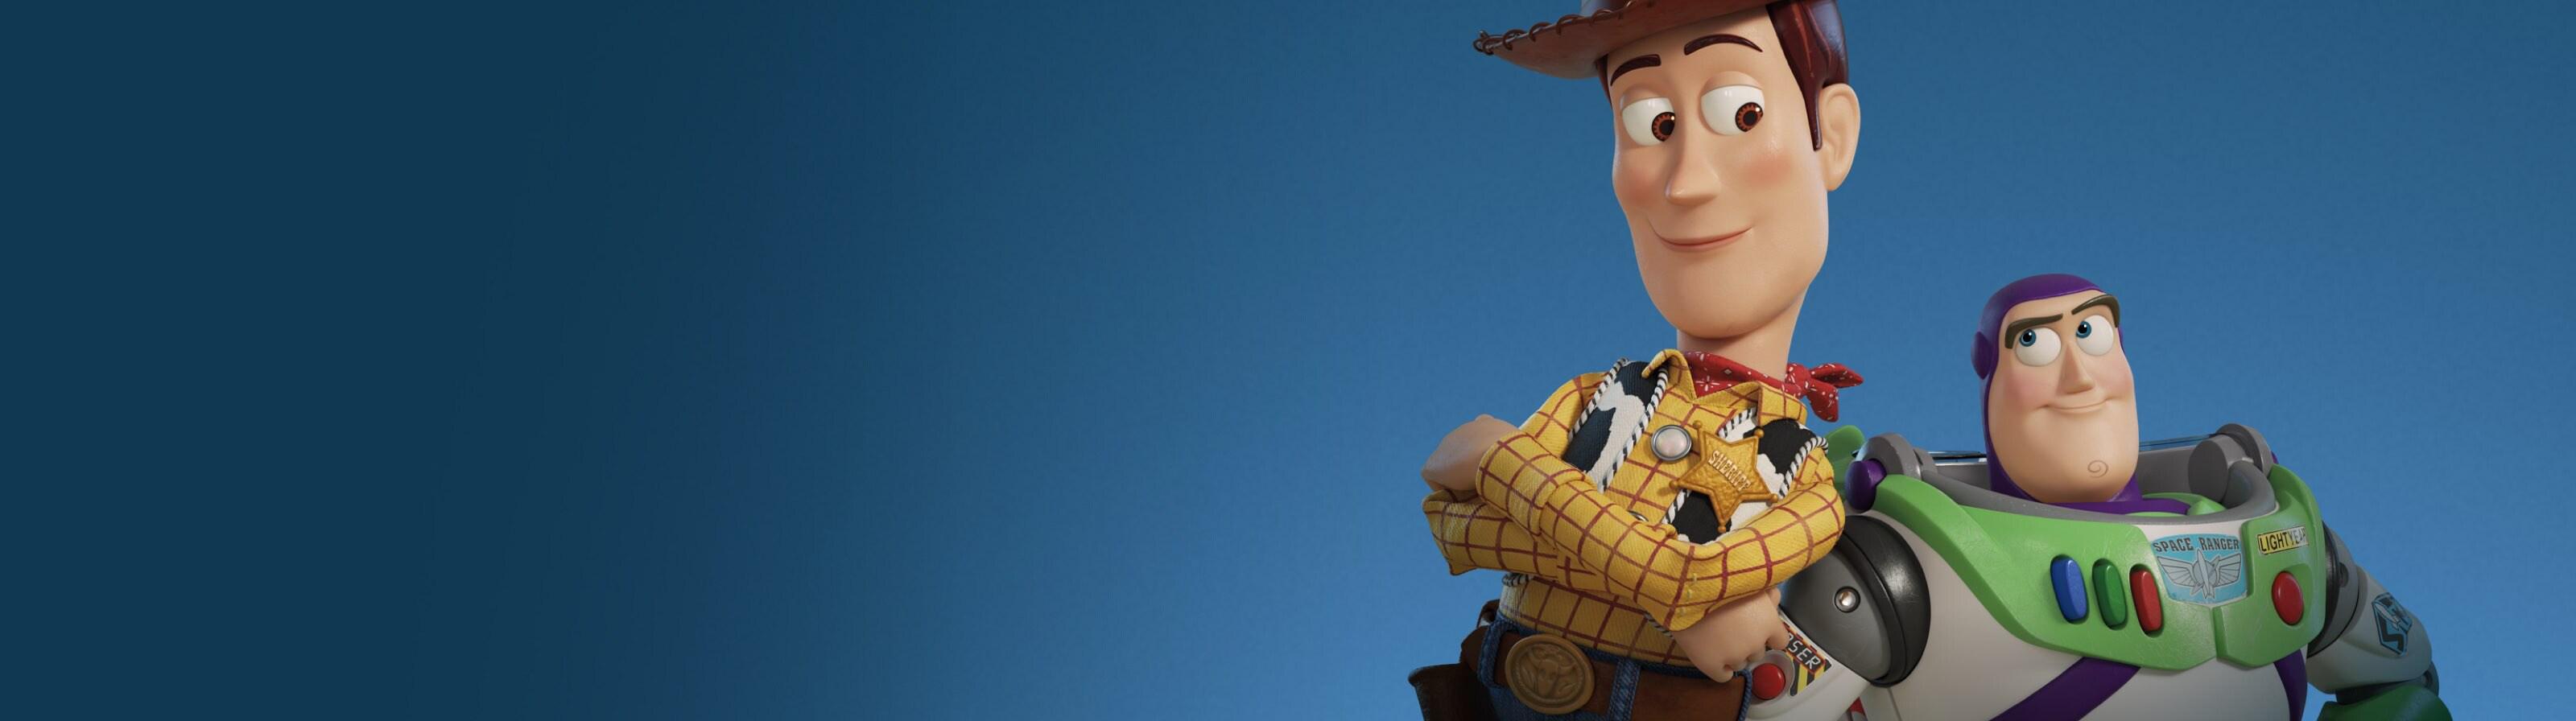 Hai un amico in me: 11 amicizie leggendarie su Disney+